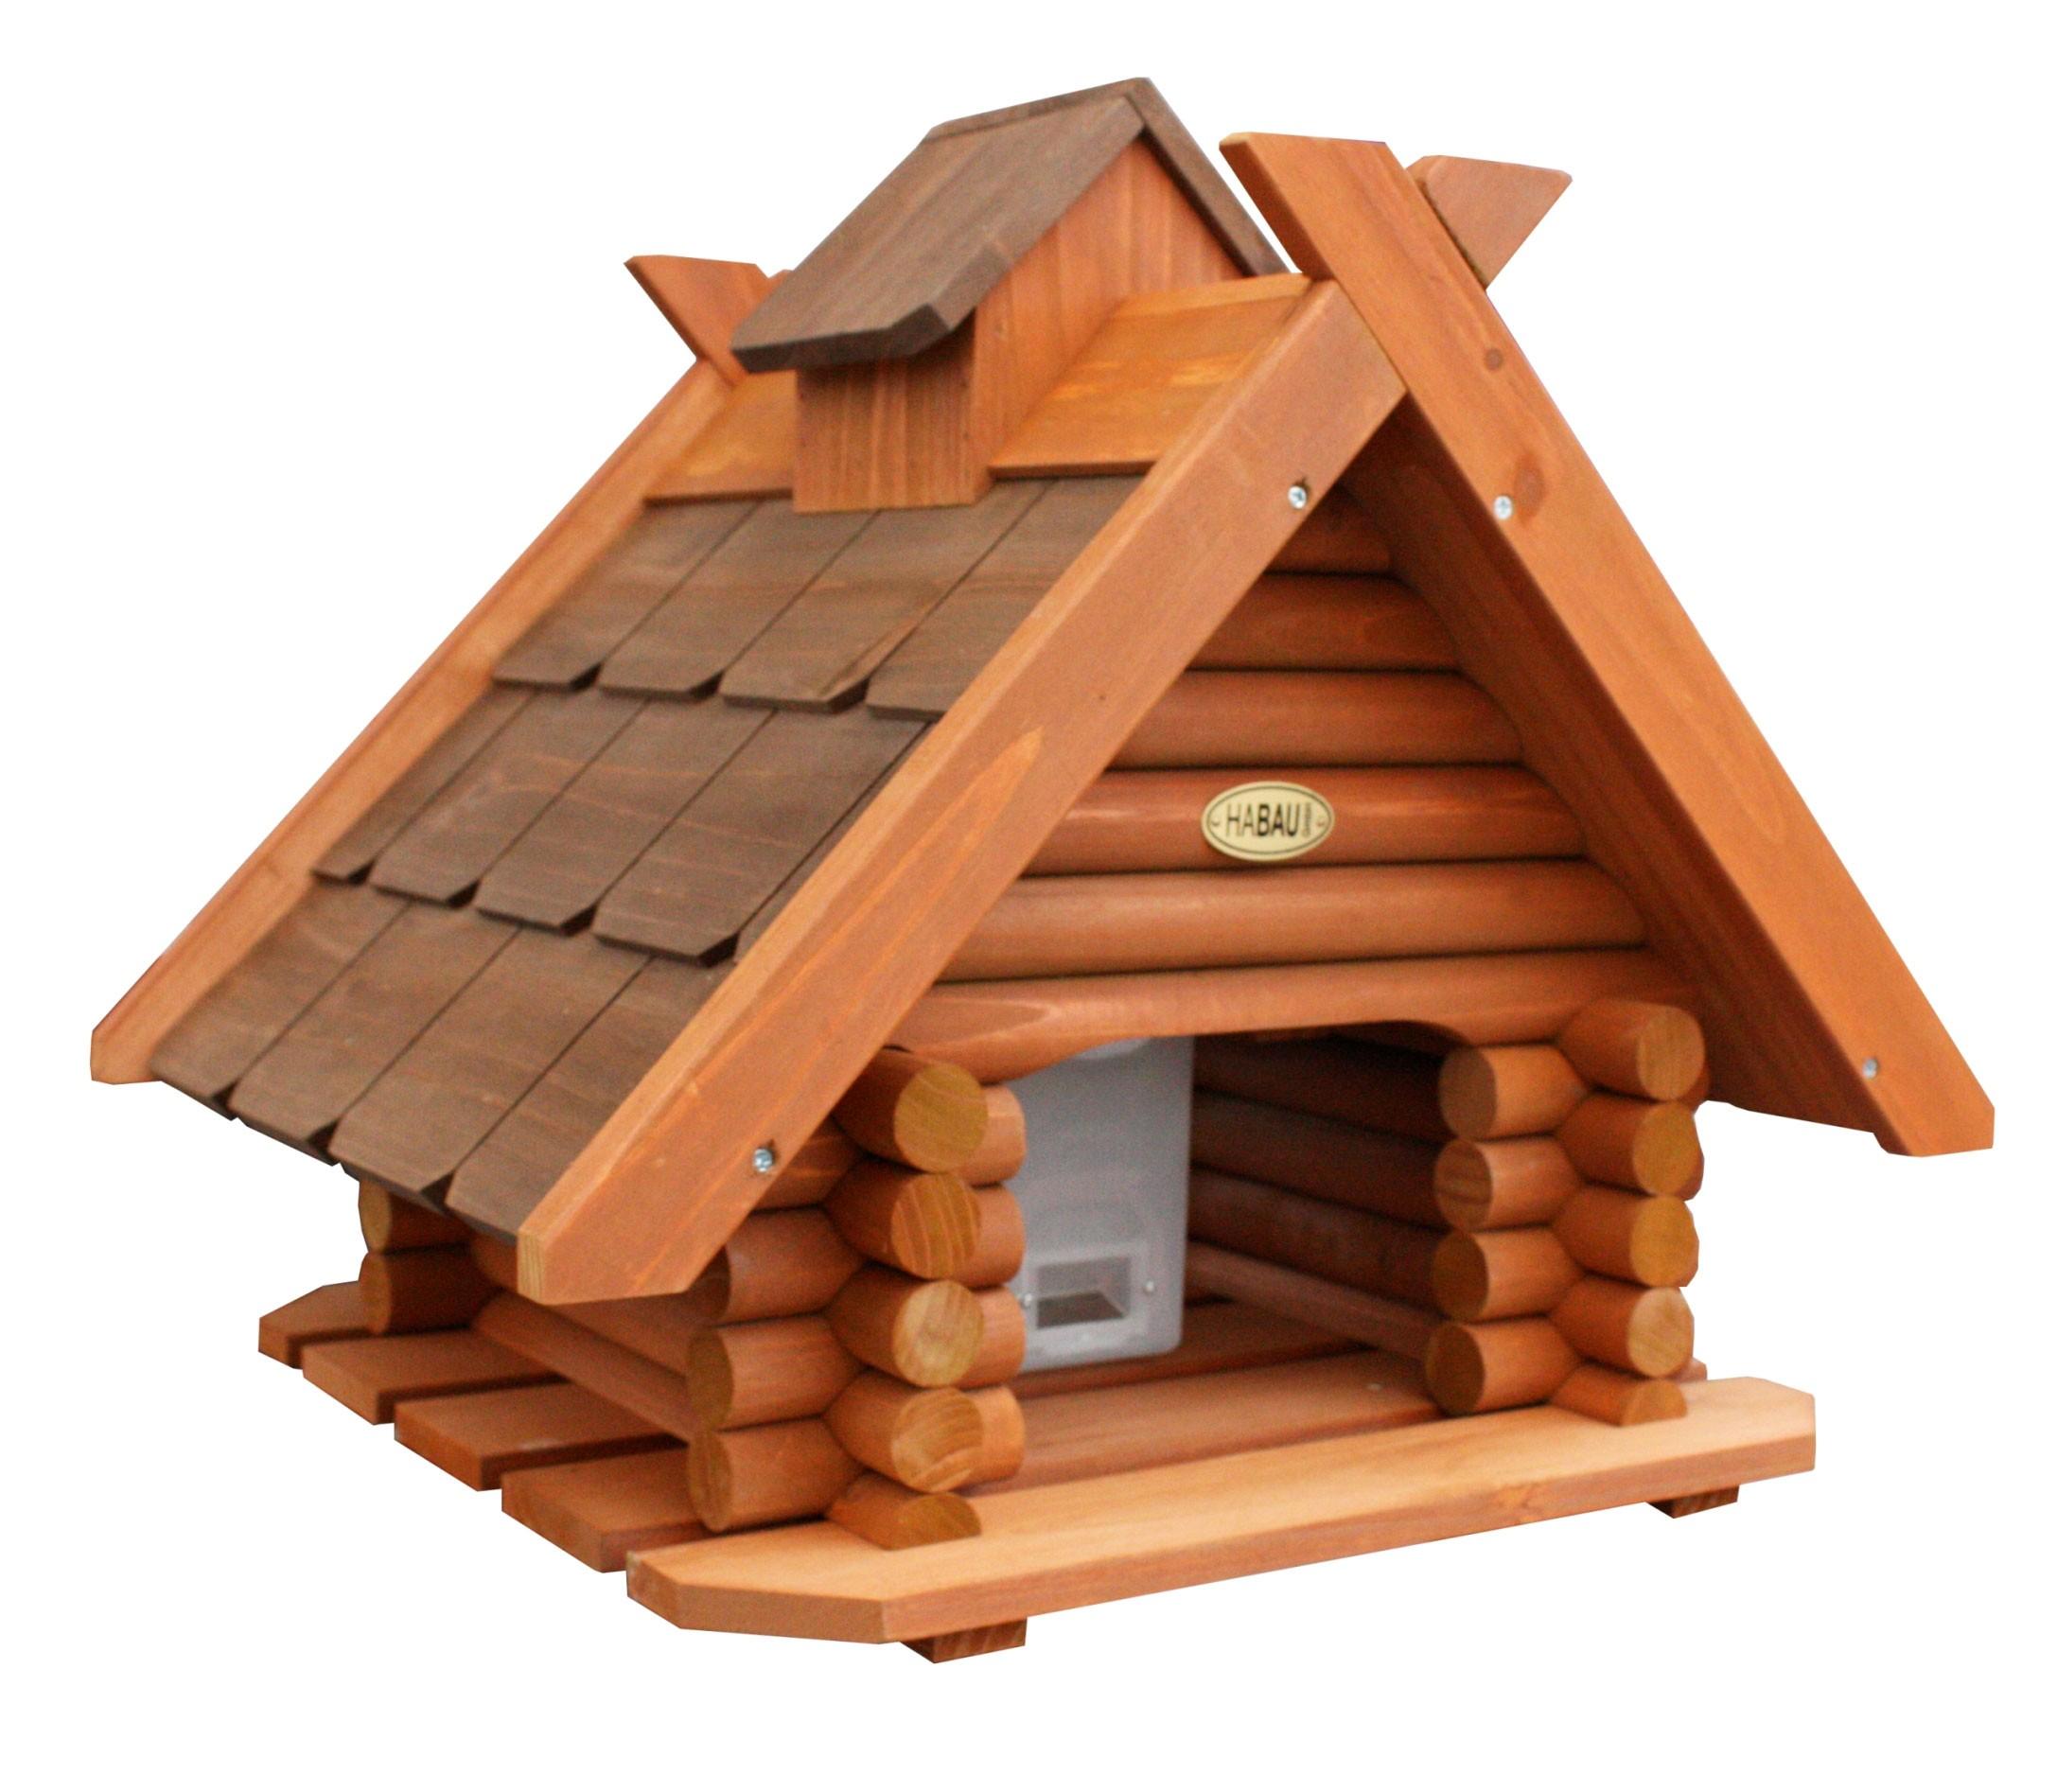 vogelhaus futterhaus habau blockhaus mit silo und. Black Bedroom Furniture Sets. Home Design Ideas